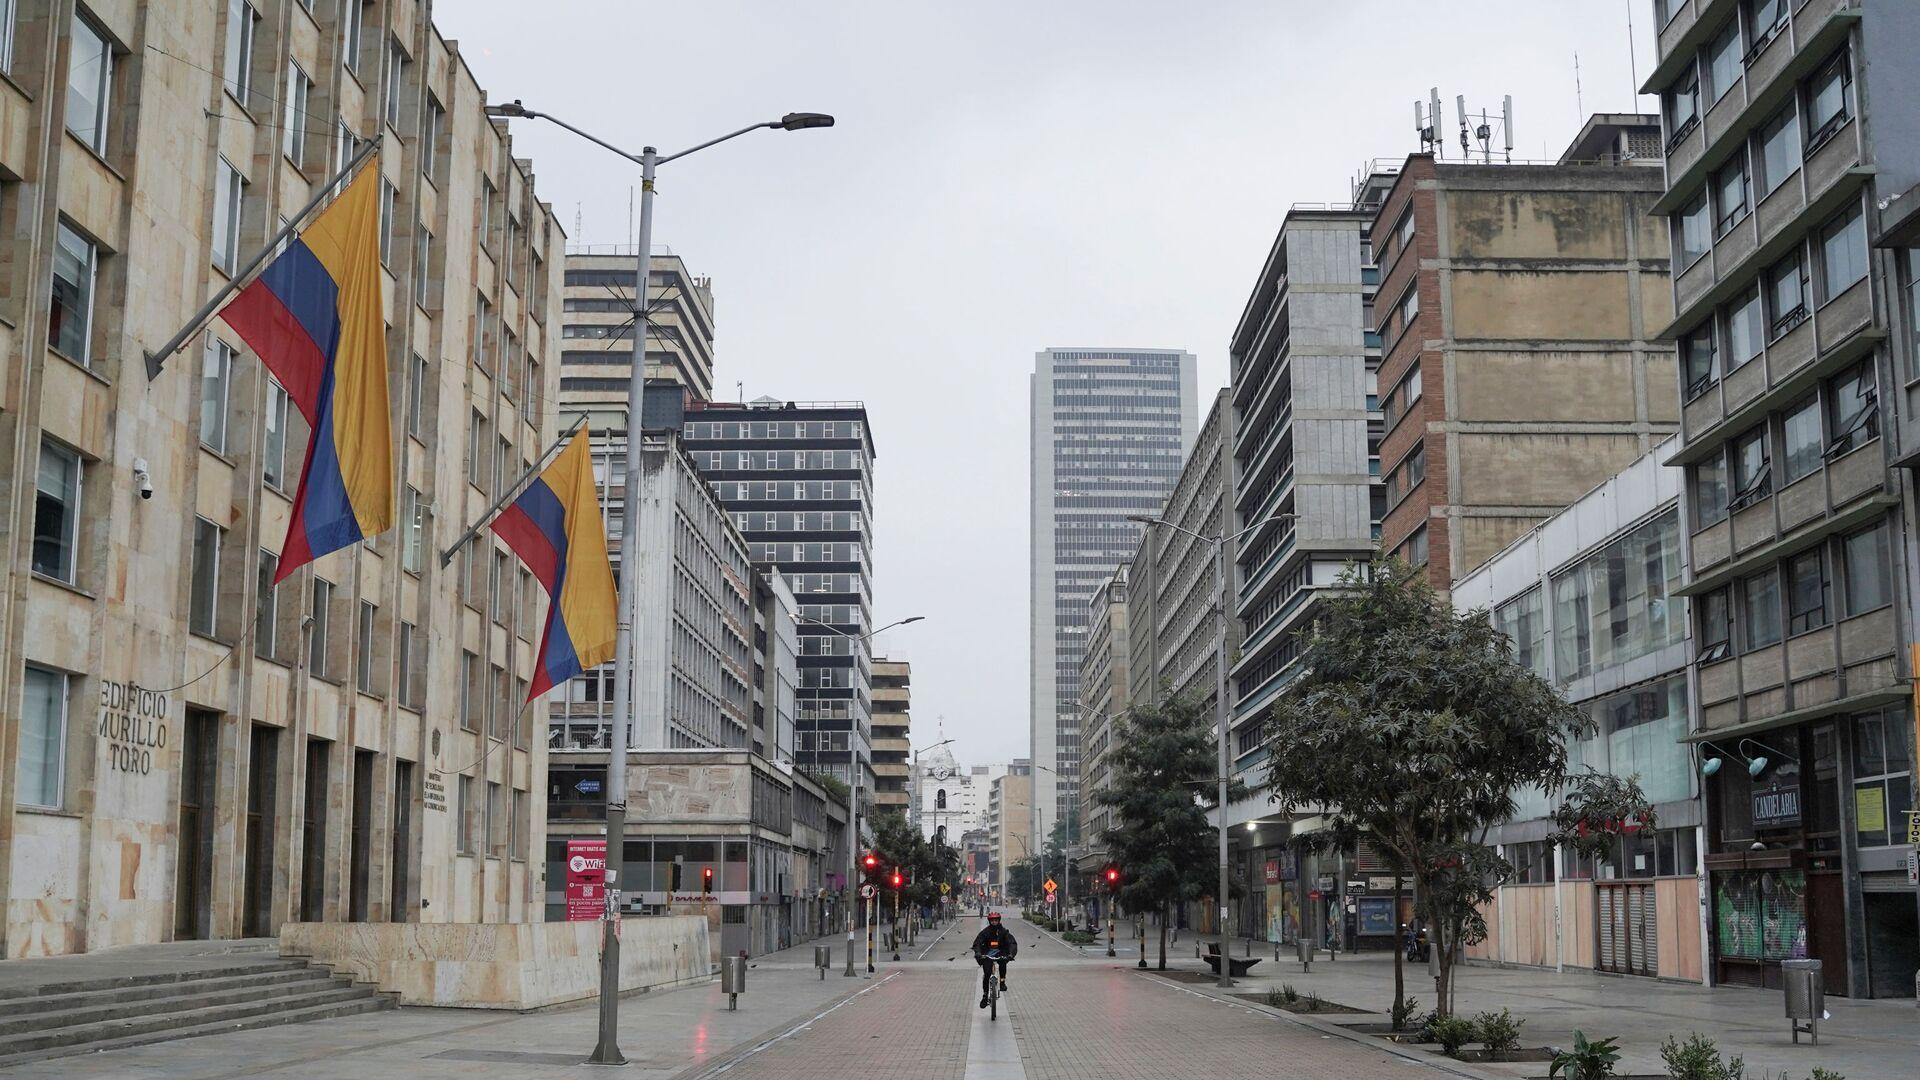 Las calles vacías de Bogotá durante la cuarentena por el coronavirus - Sputnik Mundo, 1920, 29.03.2021